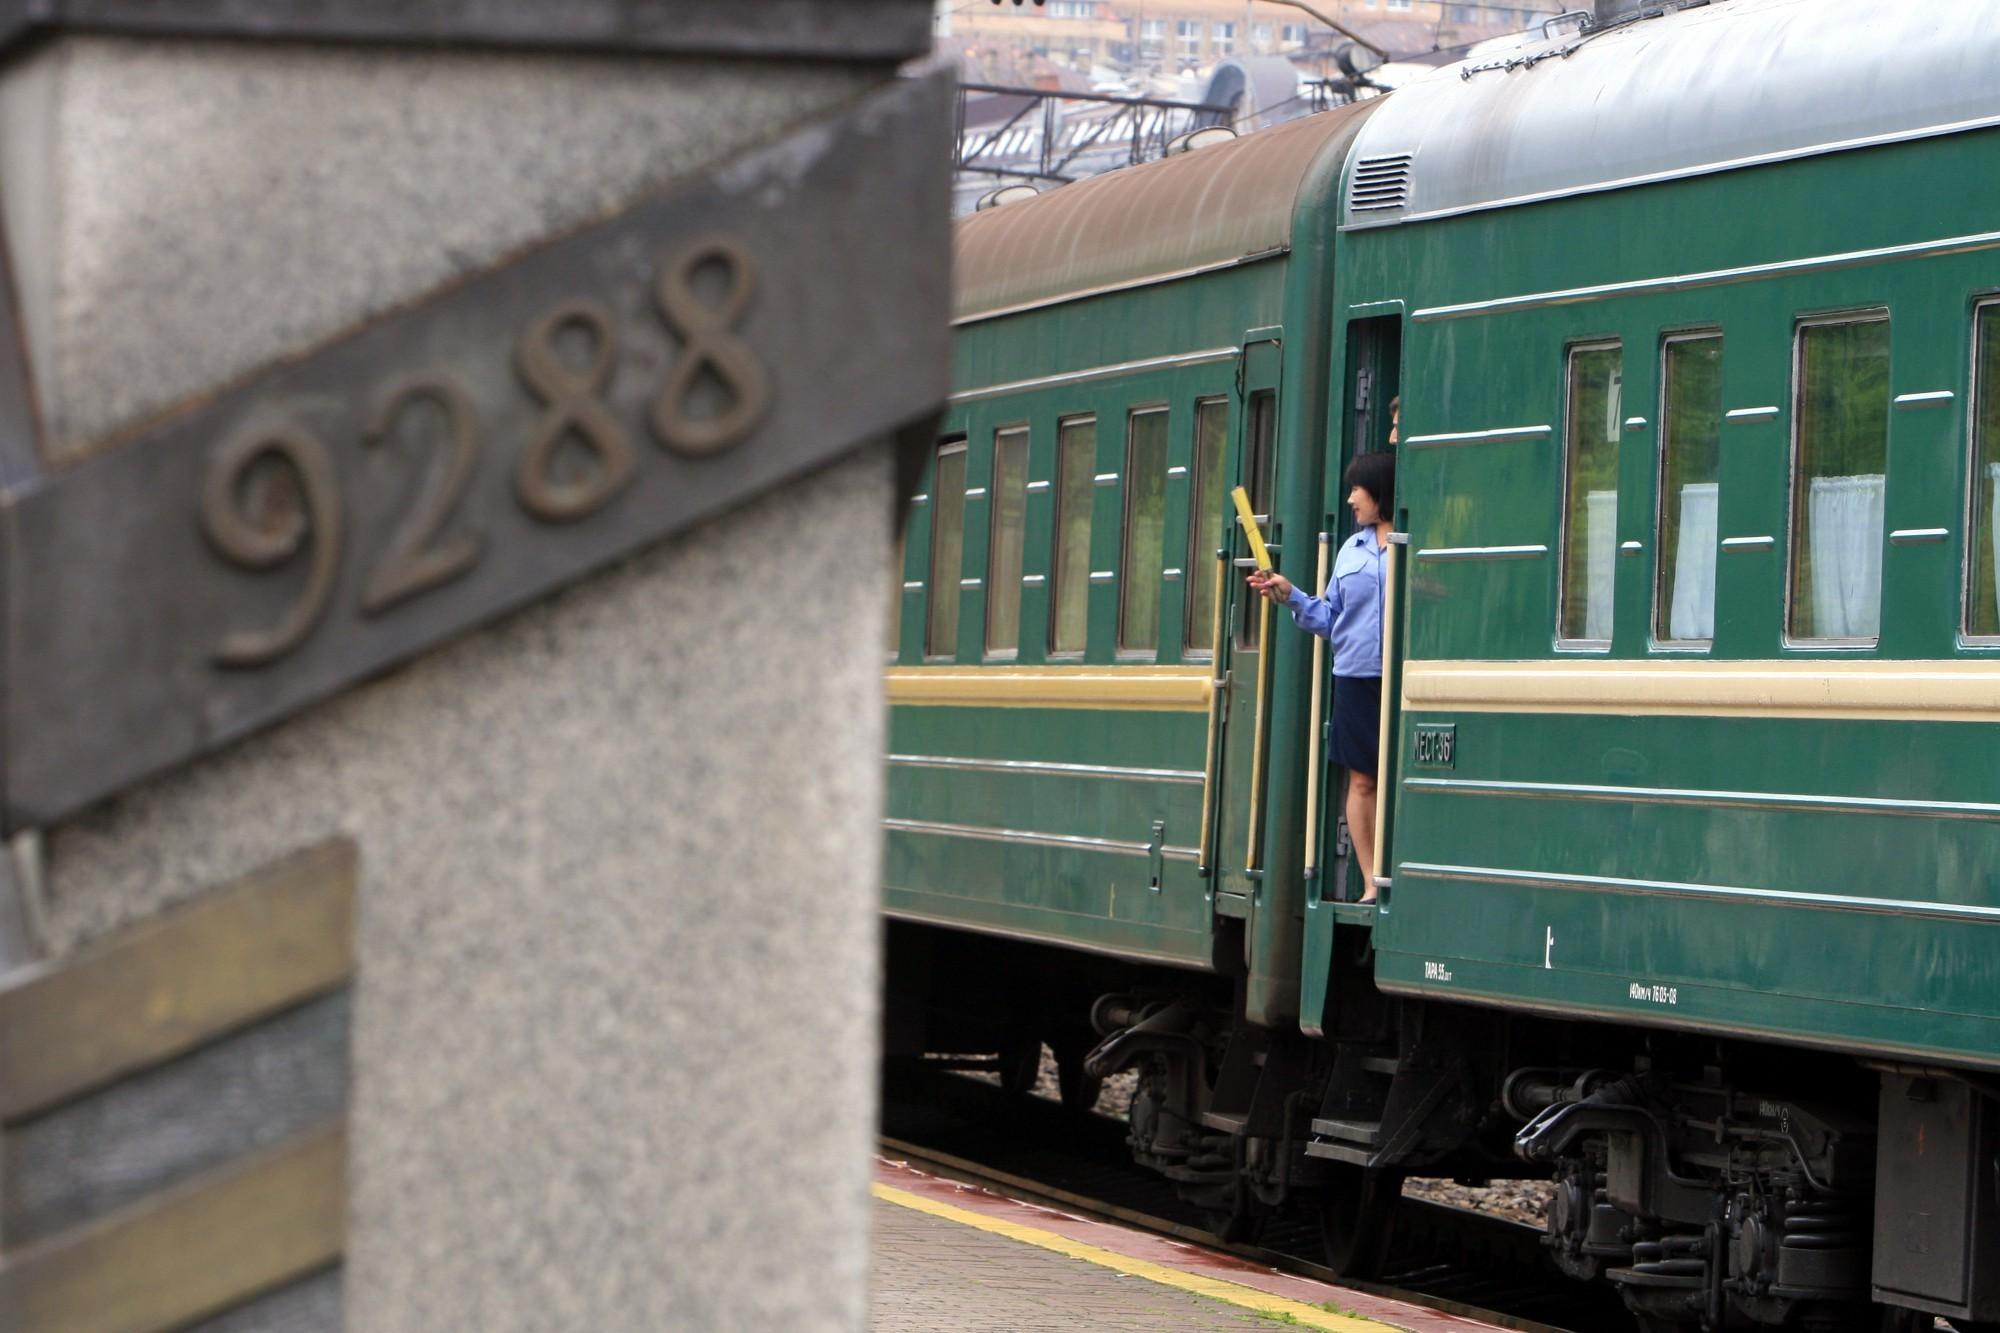 железнодорожный вокзал владивостока транссибирская магистраль 9288 километров пассажирский поезд проводник железная дорога